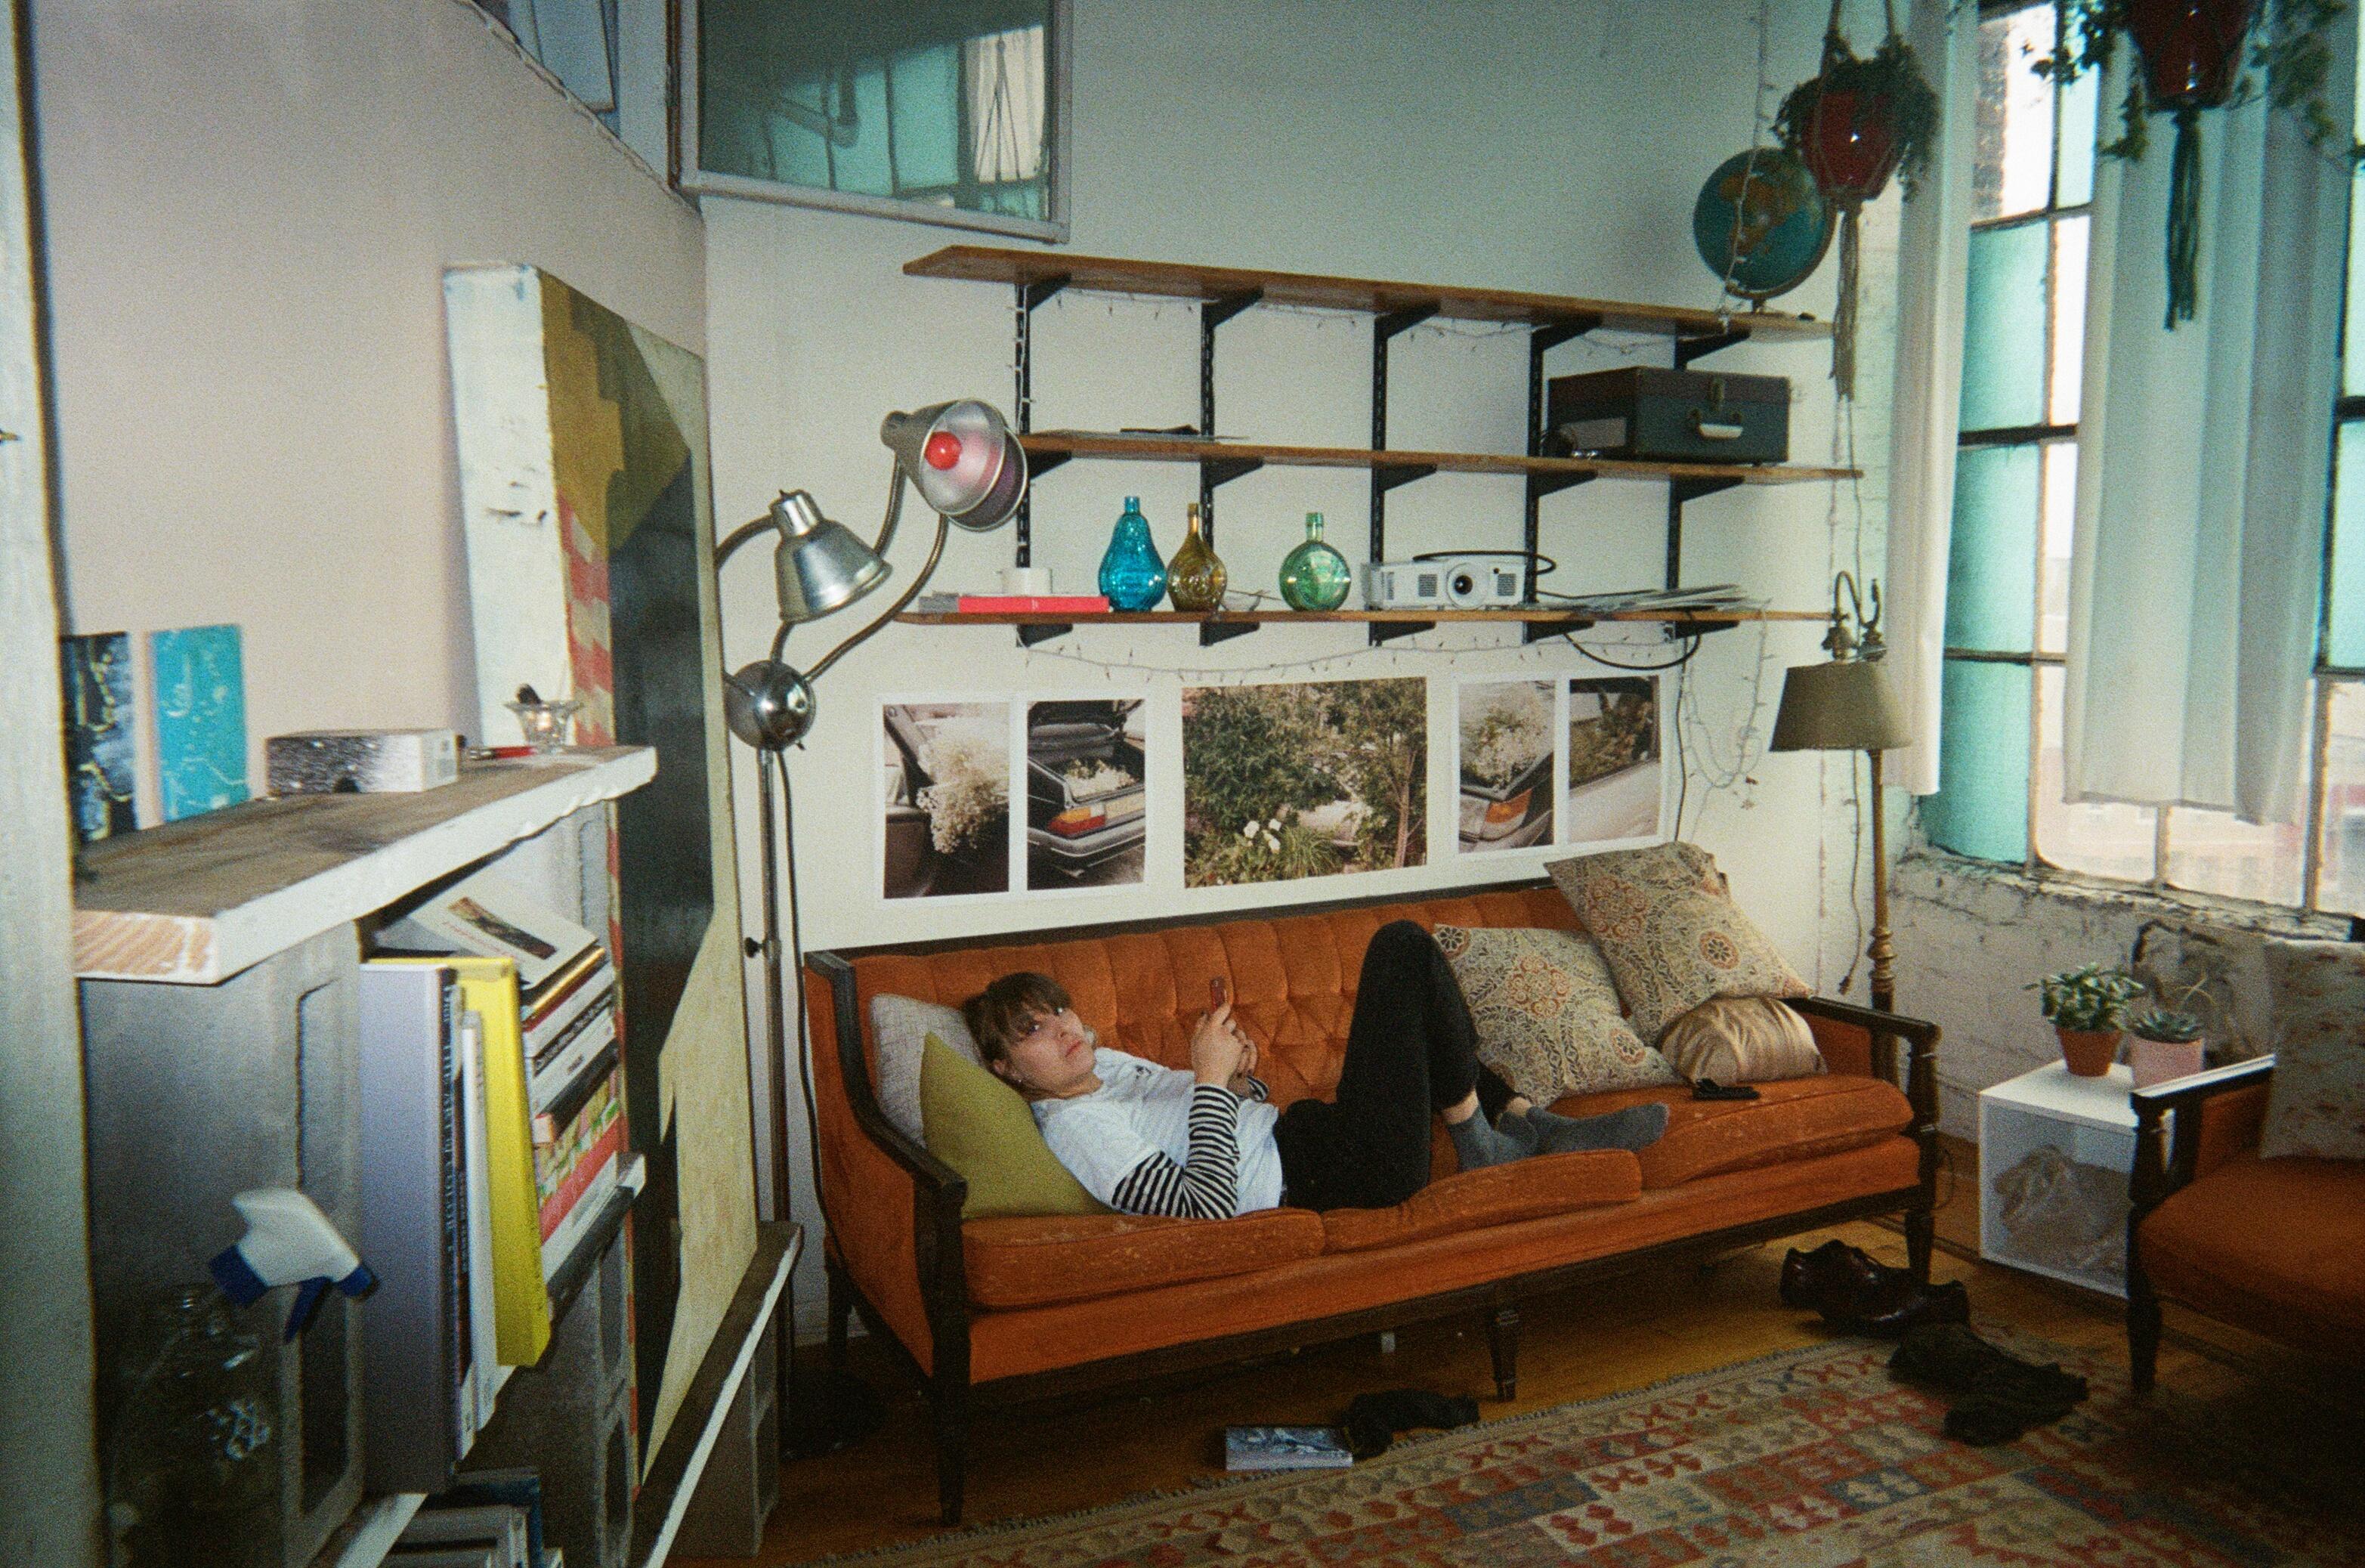 Bekah Couch